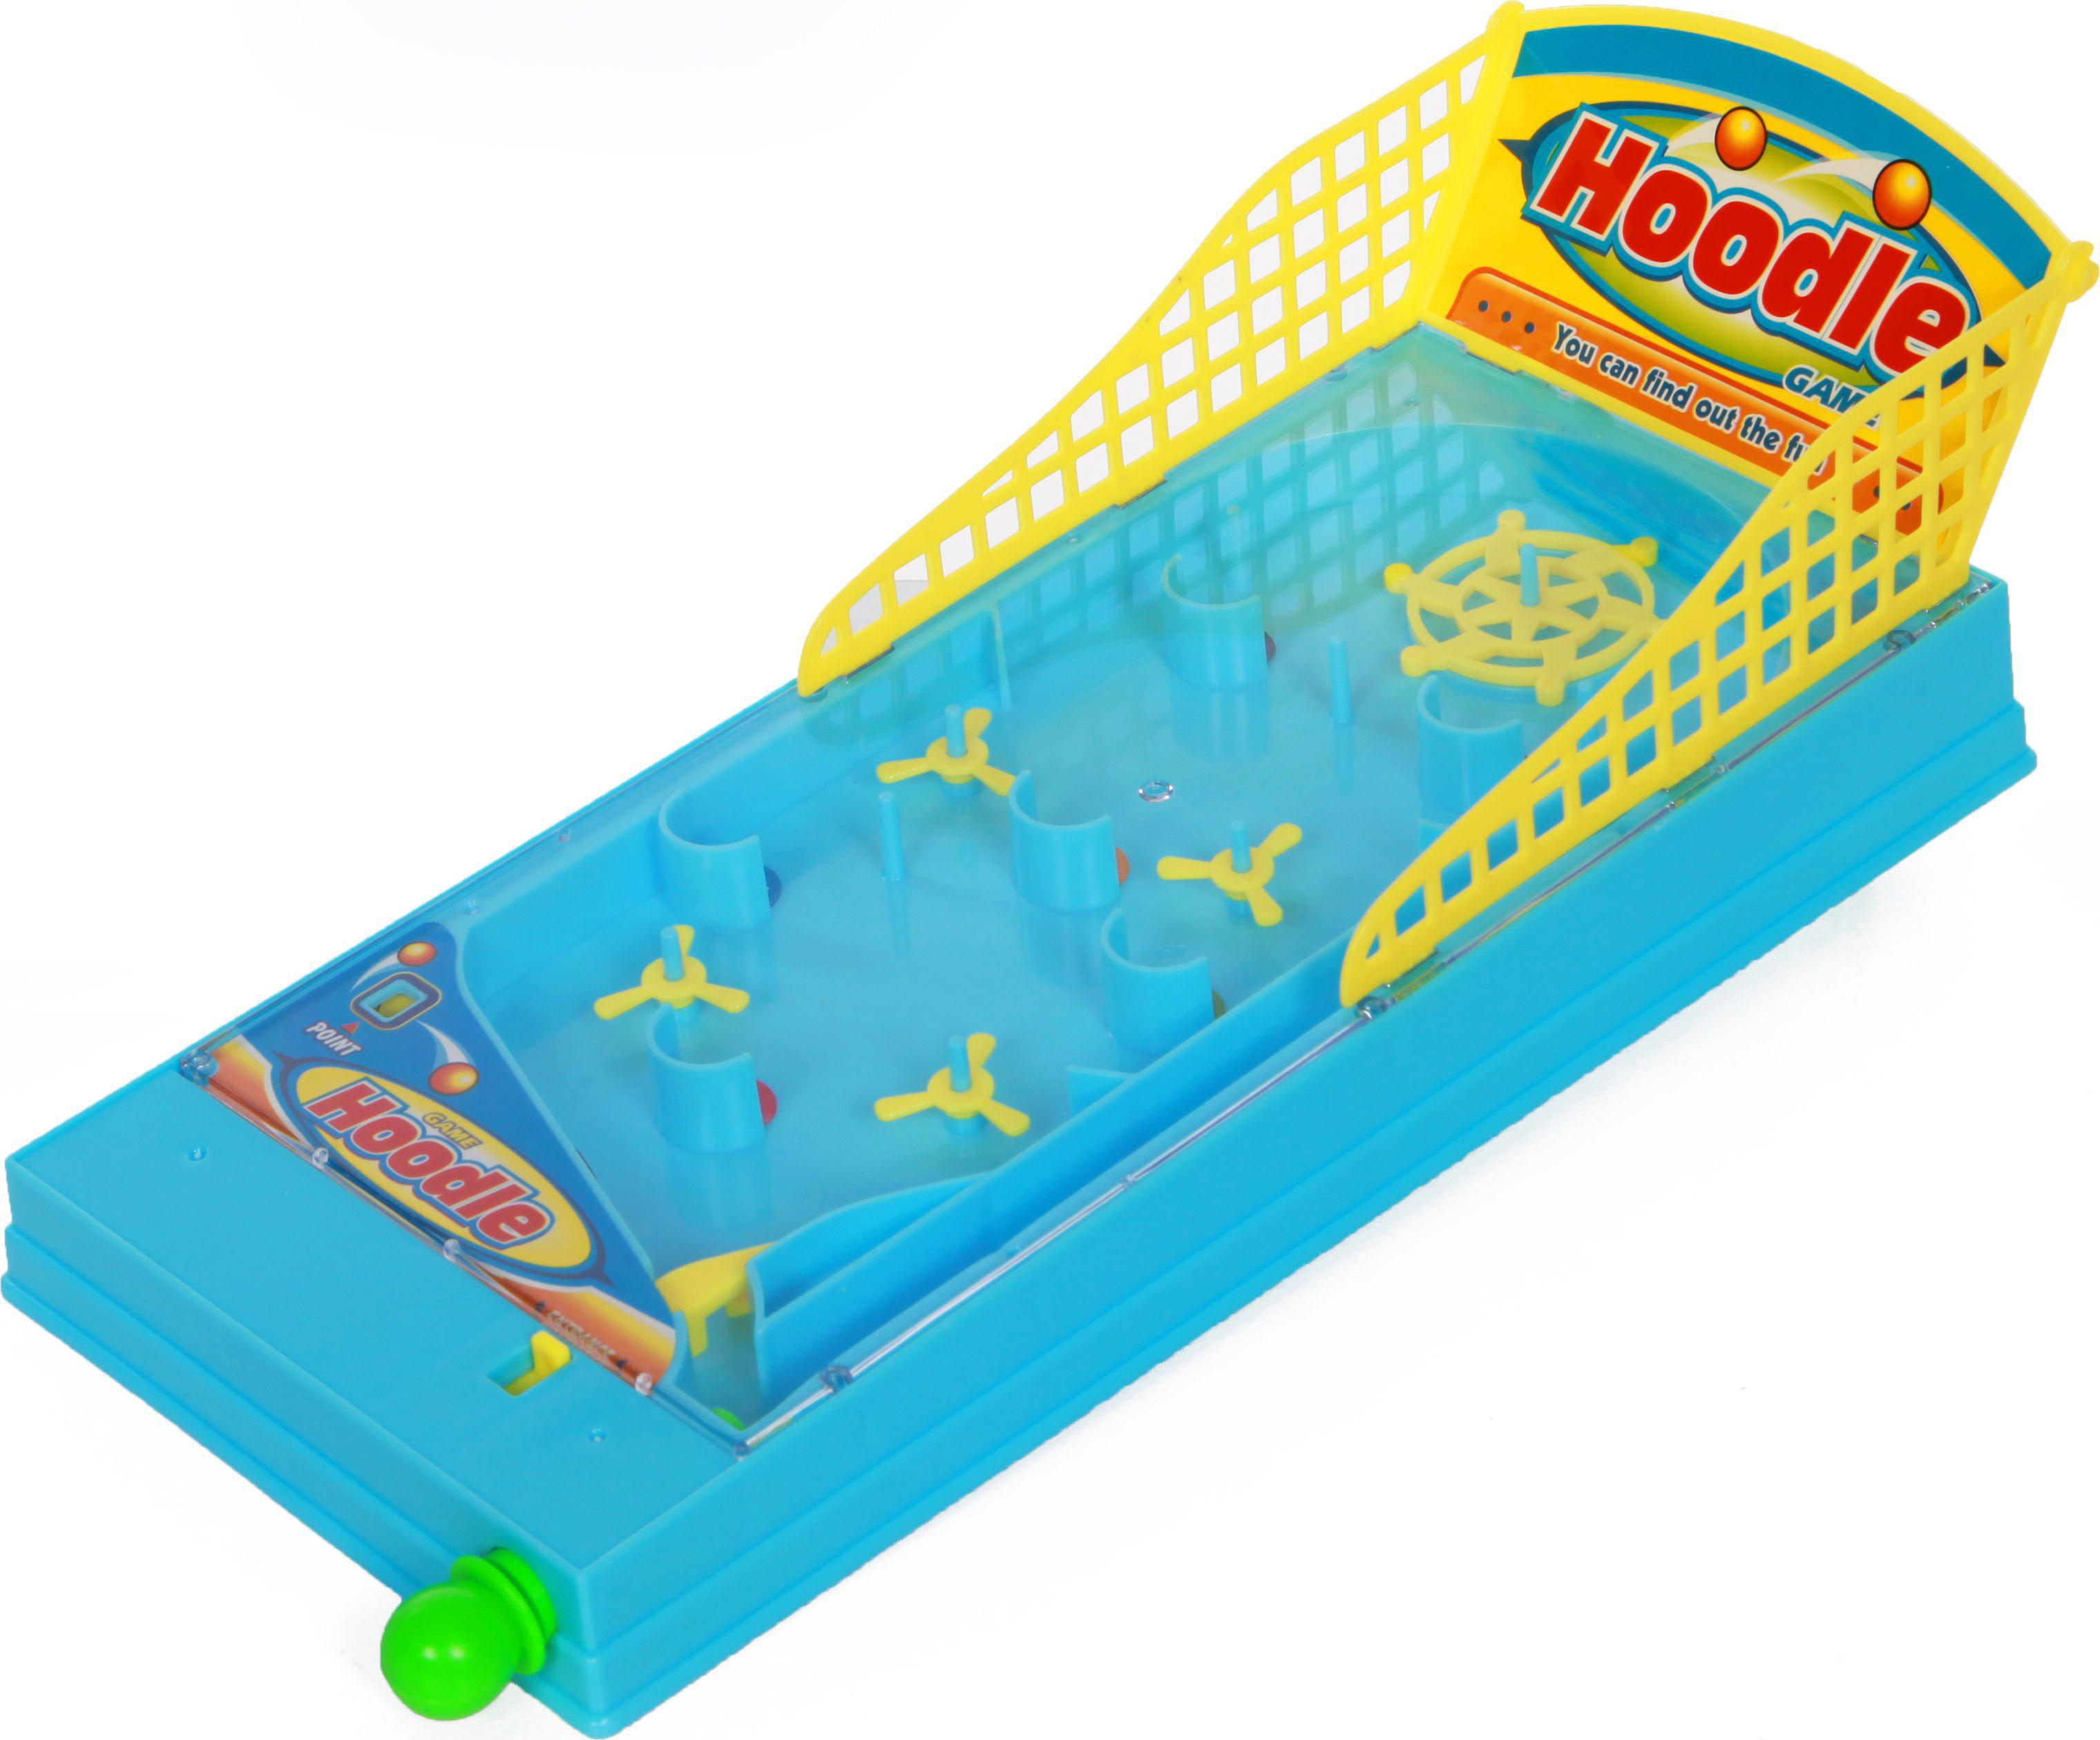 Настольная игра - ПинболРазвивающие<br>Настольная игра - Пинбол<br>